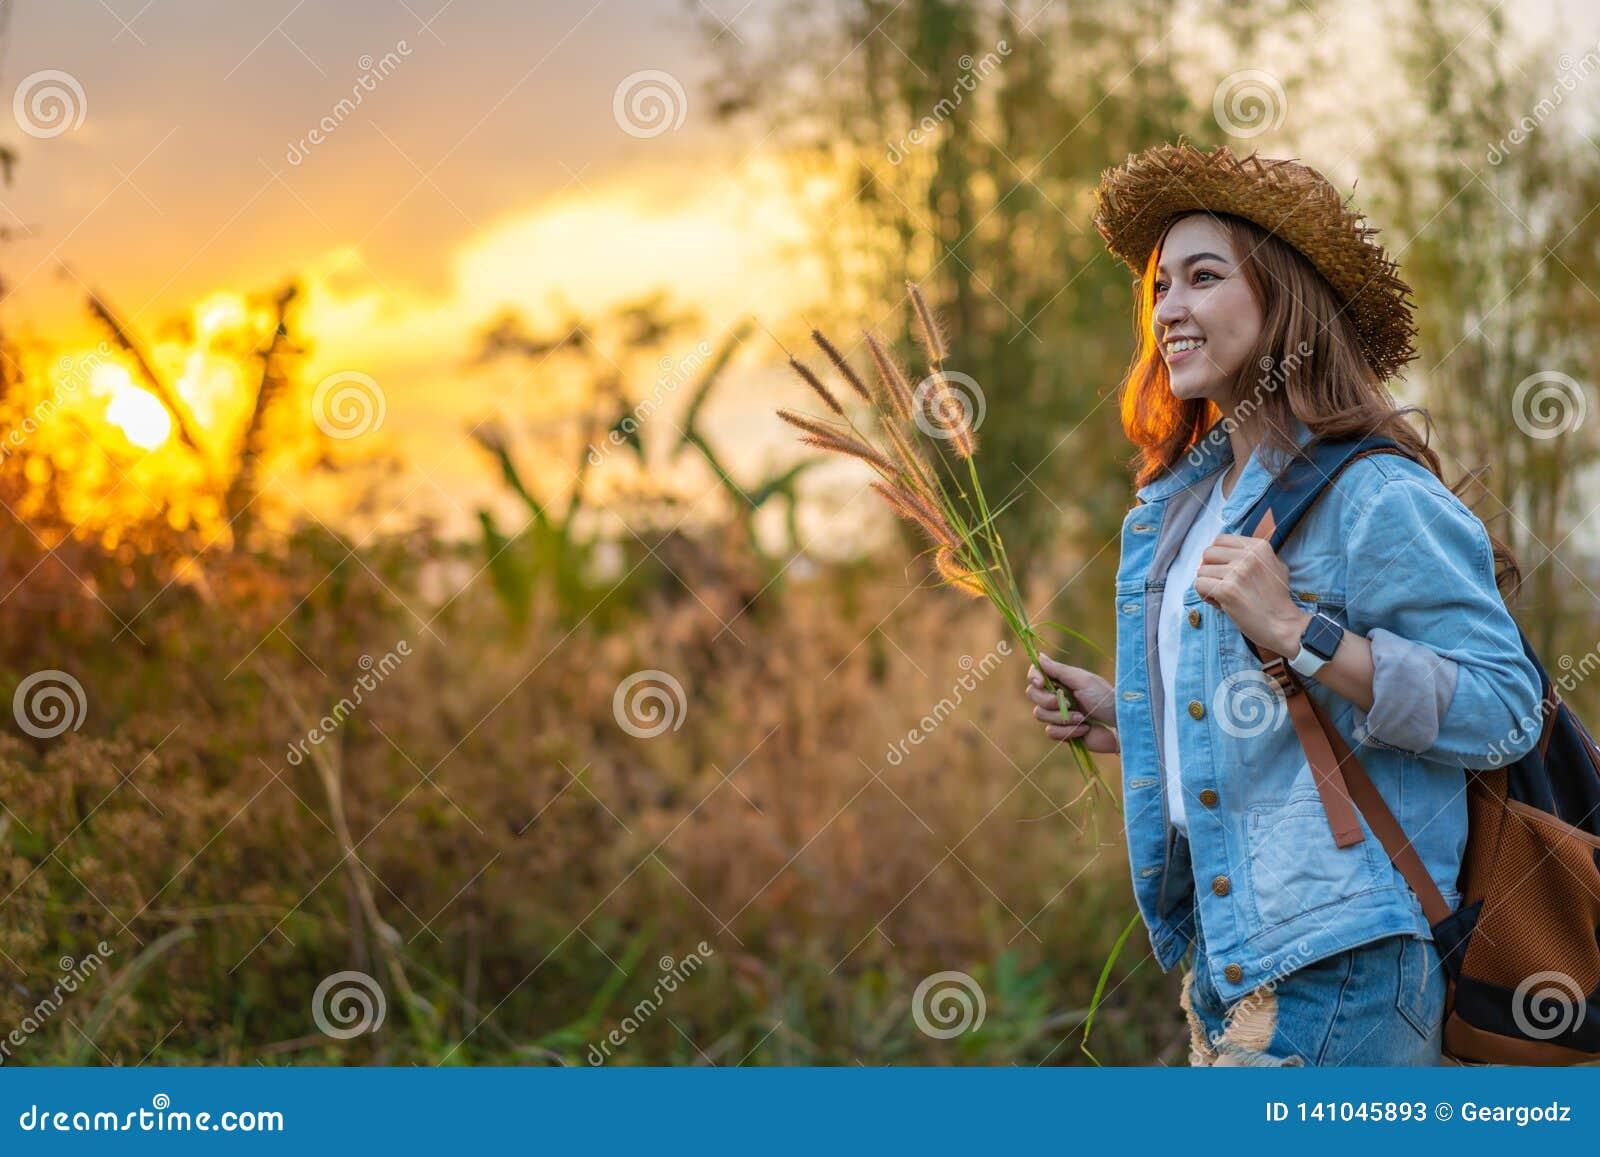 Weiblicher Tourist mit Rucksack in der Landschaft mit Sonnenuntergang